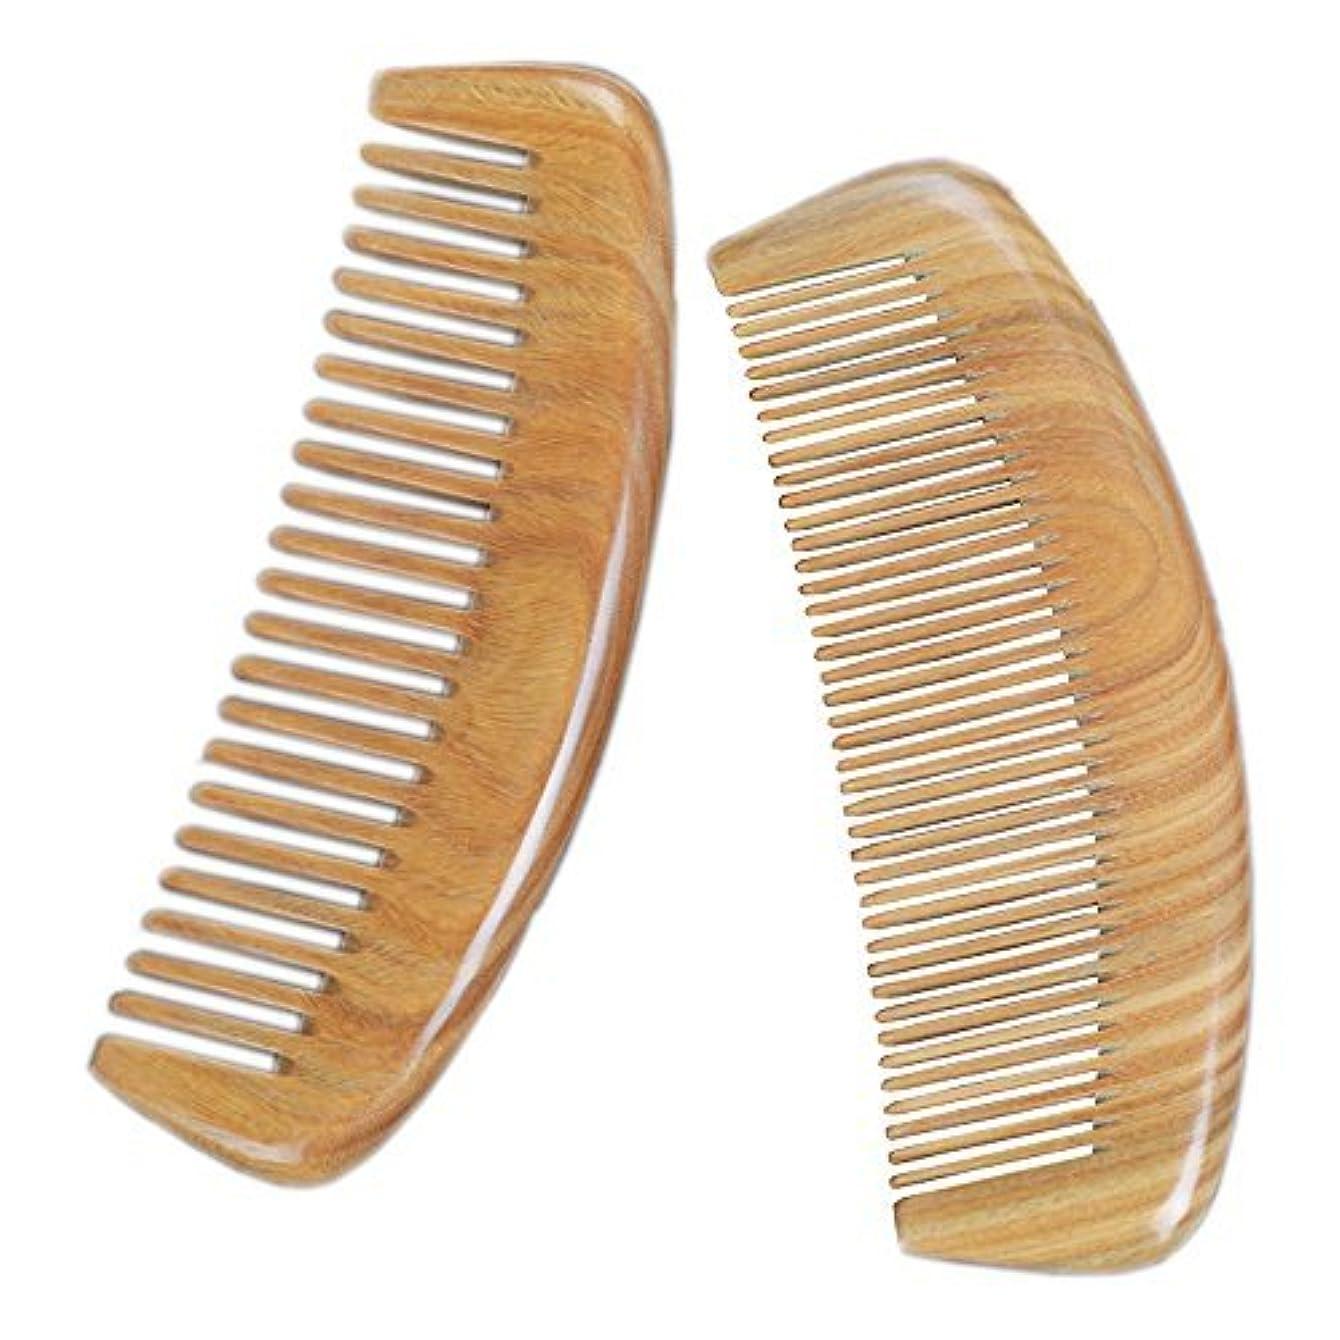 削る農場レベルLiveZone Handmade Natural Green Sandalwood 2-Count(Minute Tooth and Wide Tooth Wood Comb) Hair Comb with Natural...